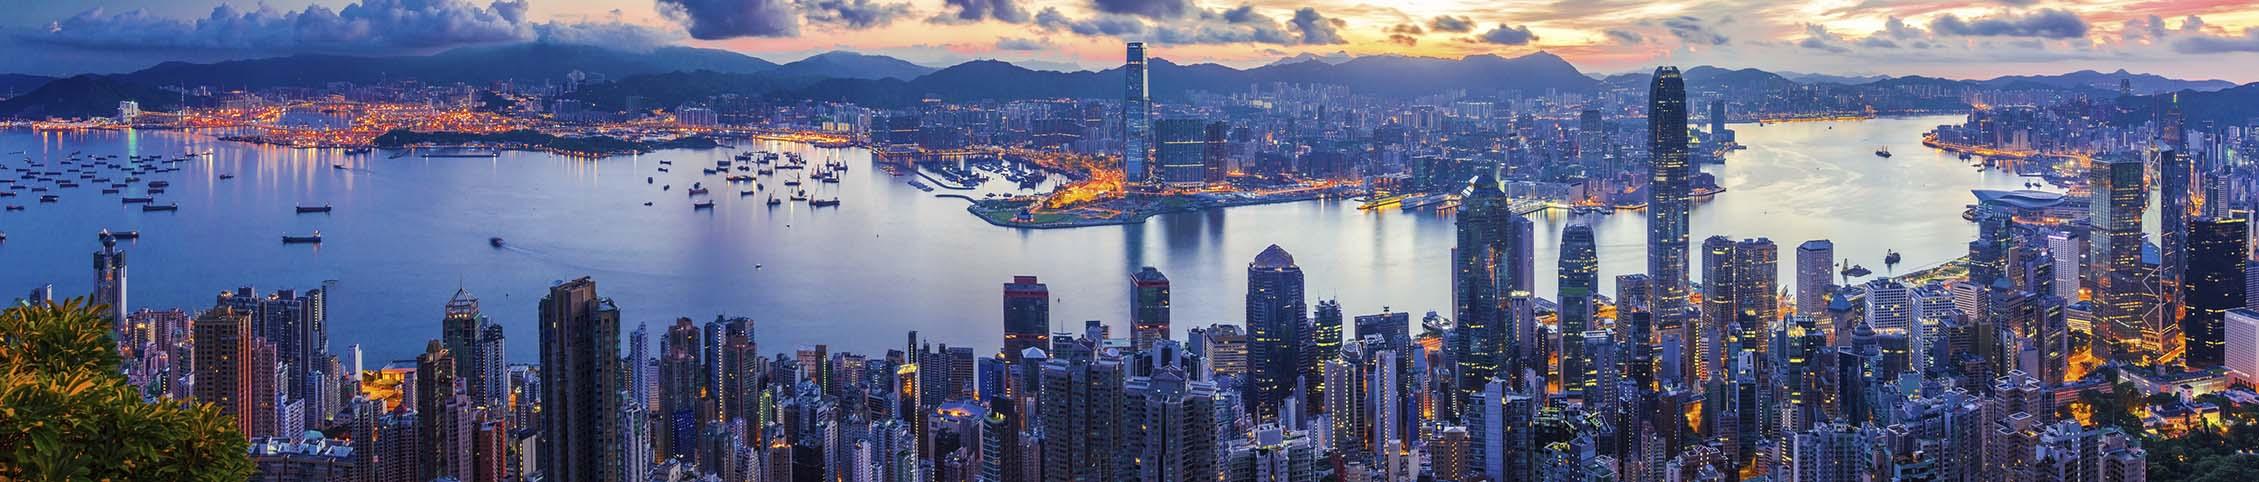 Hong Kong banner